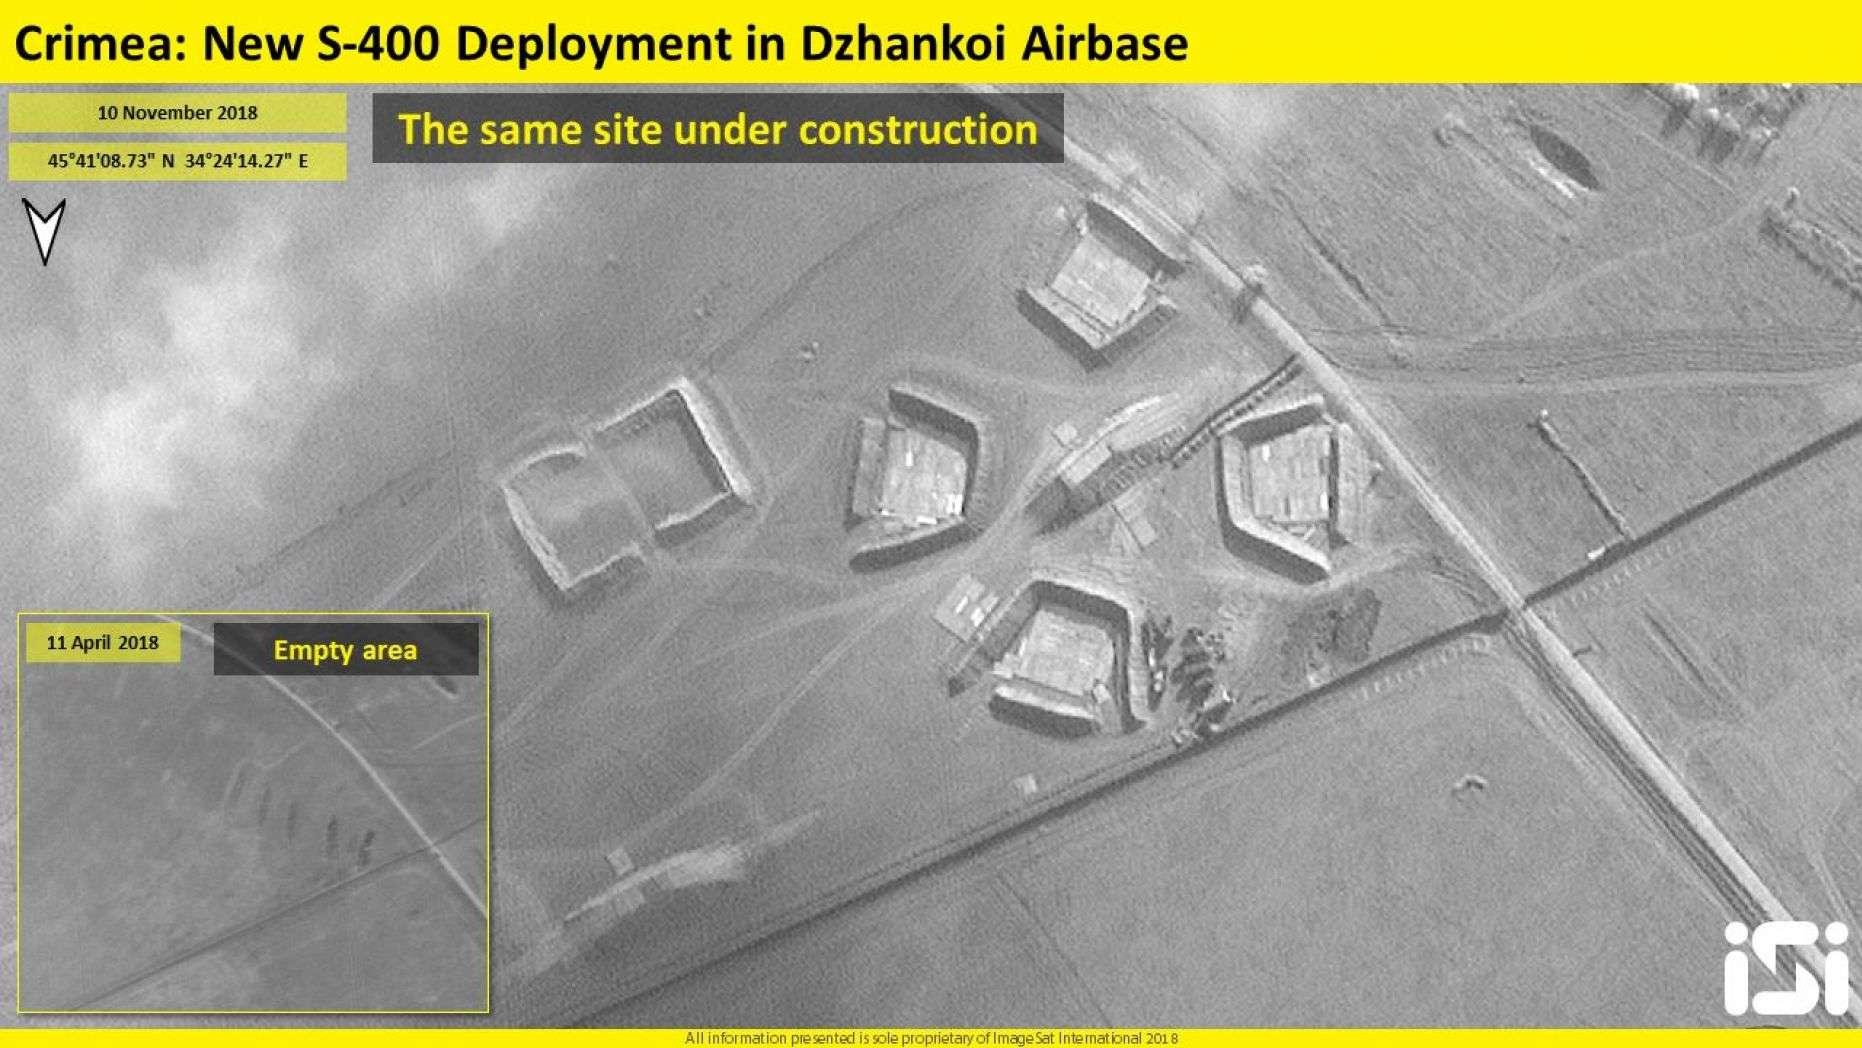 俄乌紧张形势升温 卫星照揭俄部署更多S400防空导弹